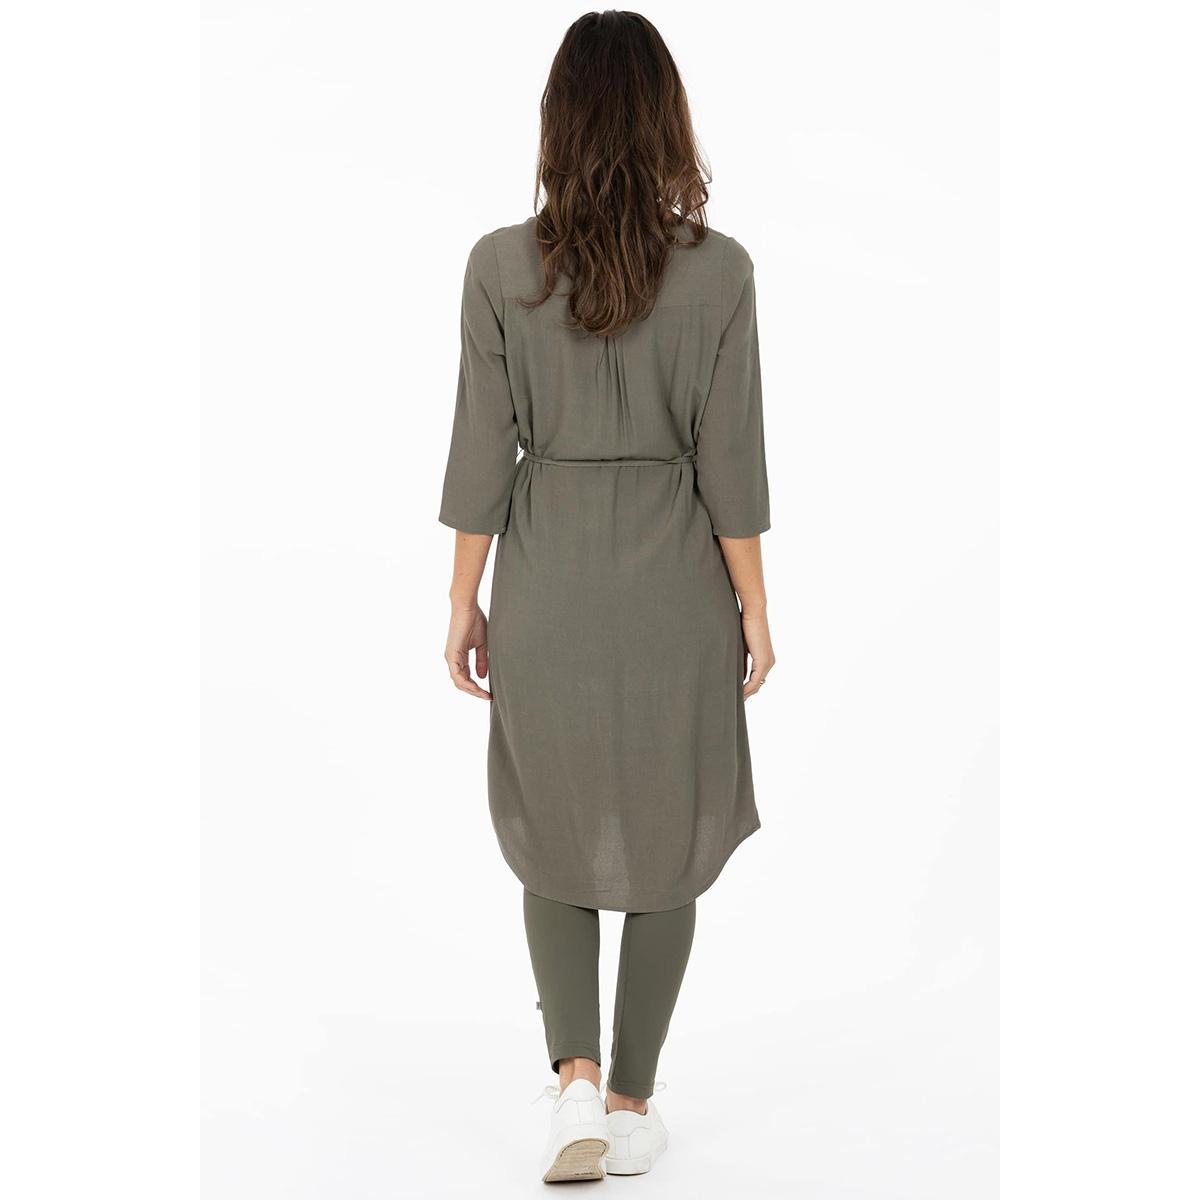 vlotte legging 0308 004 4500 10 zusss legging groen